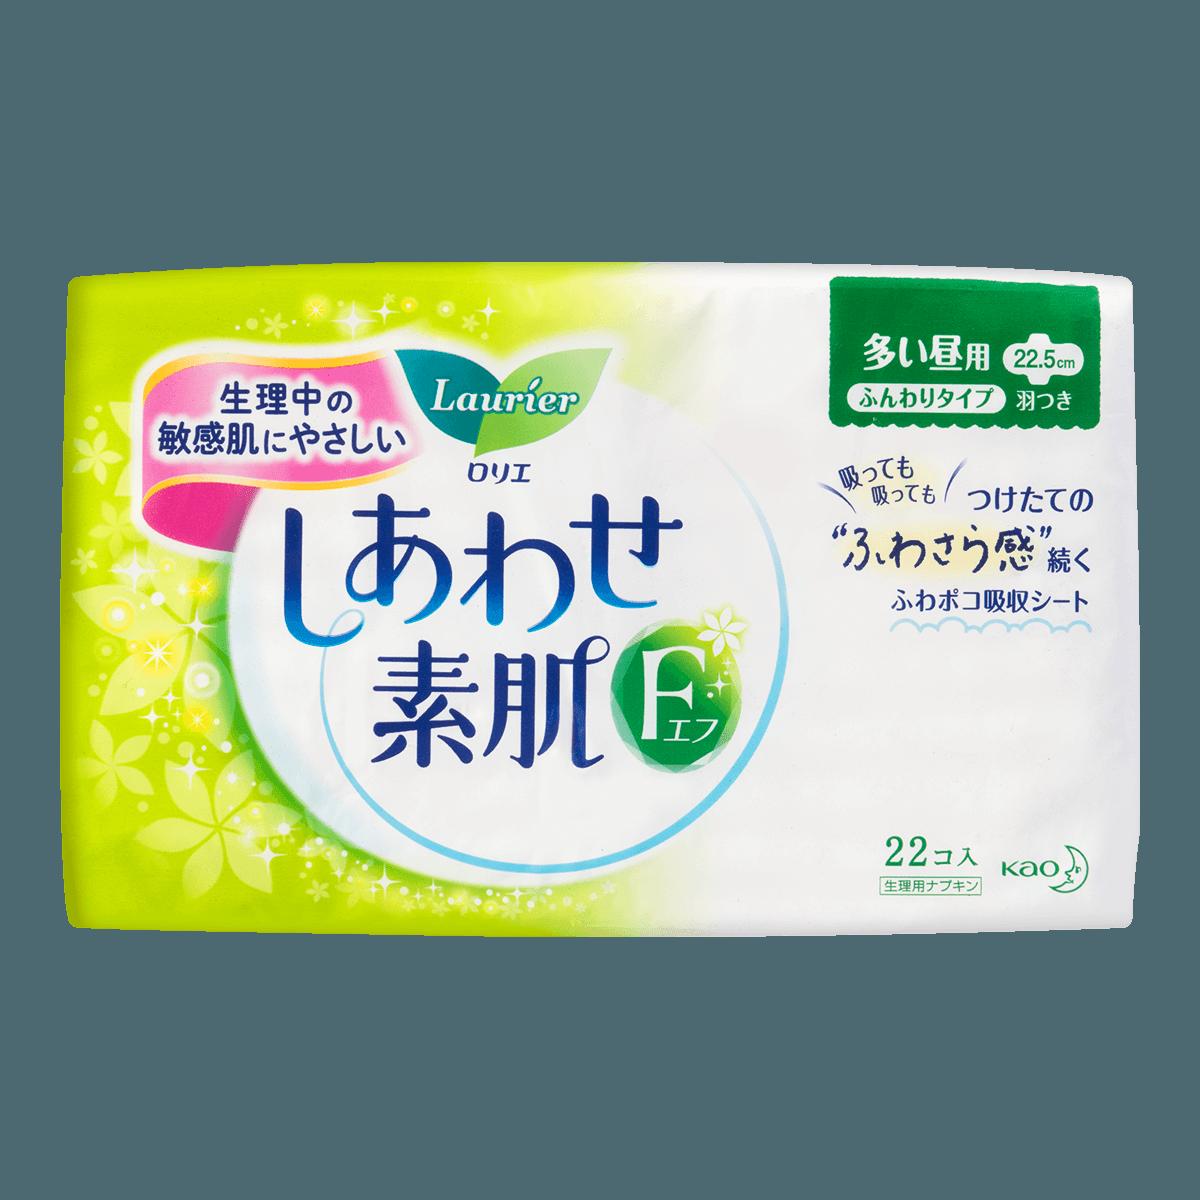 日本KAO花王 LAURIER乐而雅 F系列 超薄棉柔卫生巾 日用护翼型 22.5cm 22片入